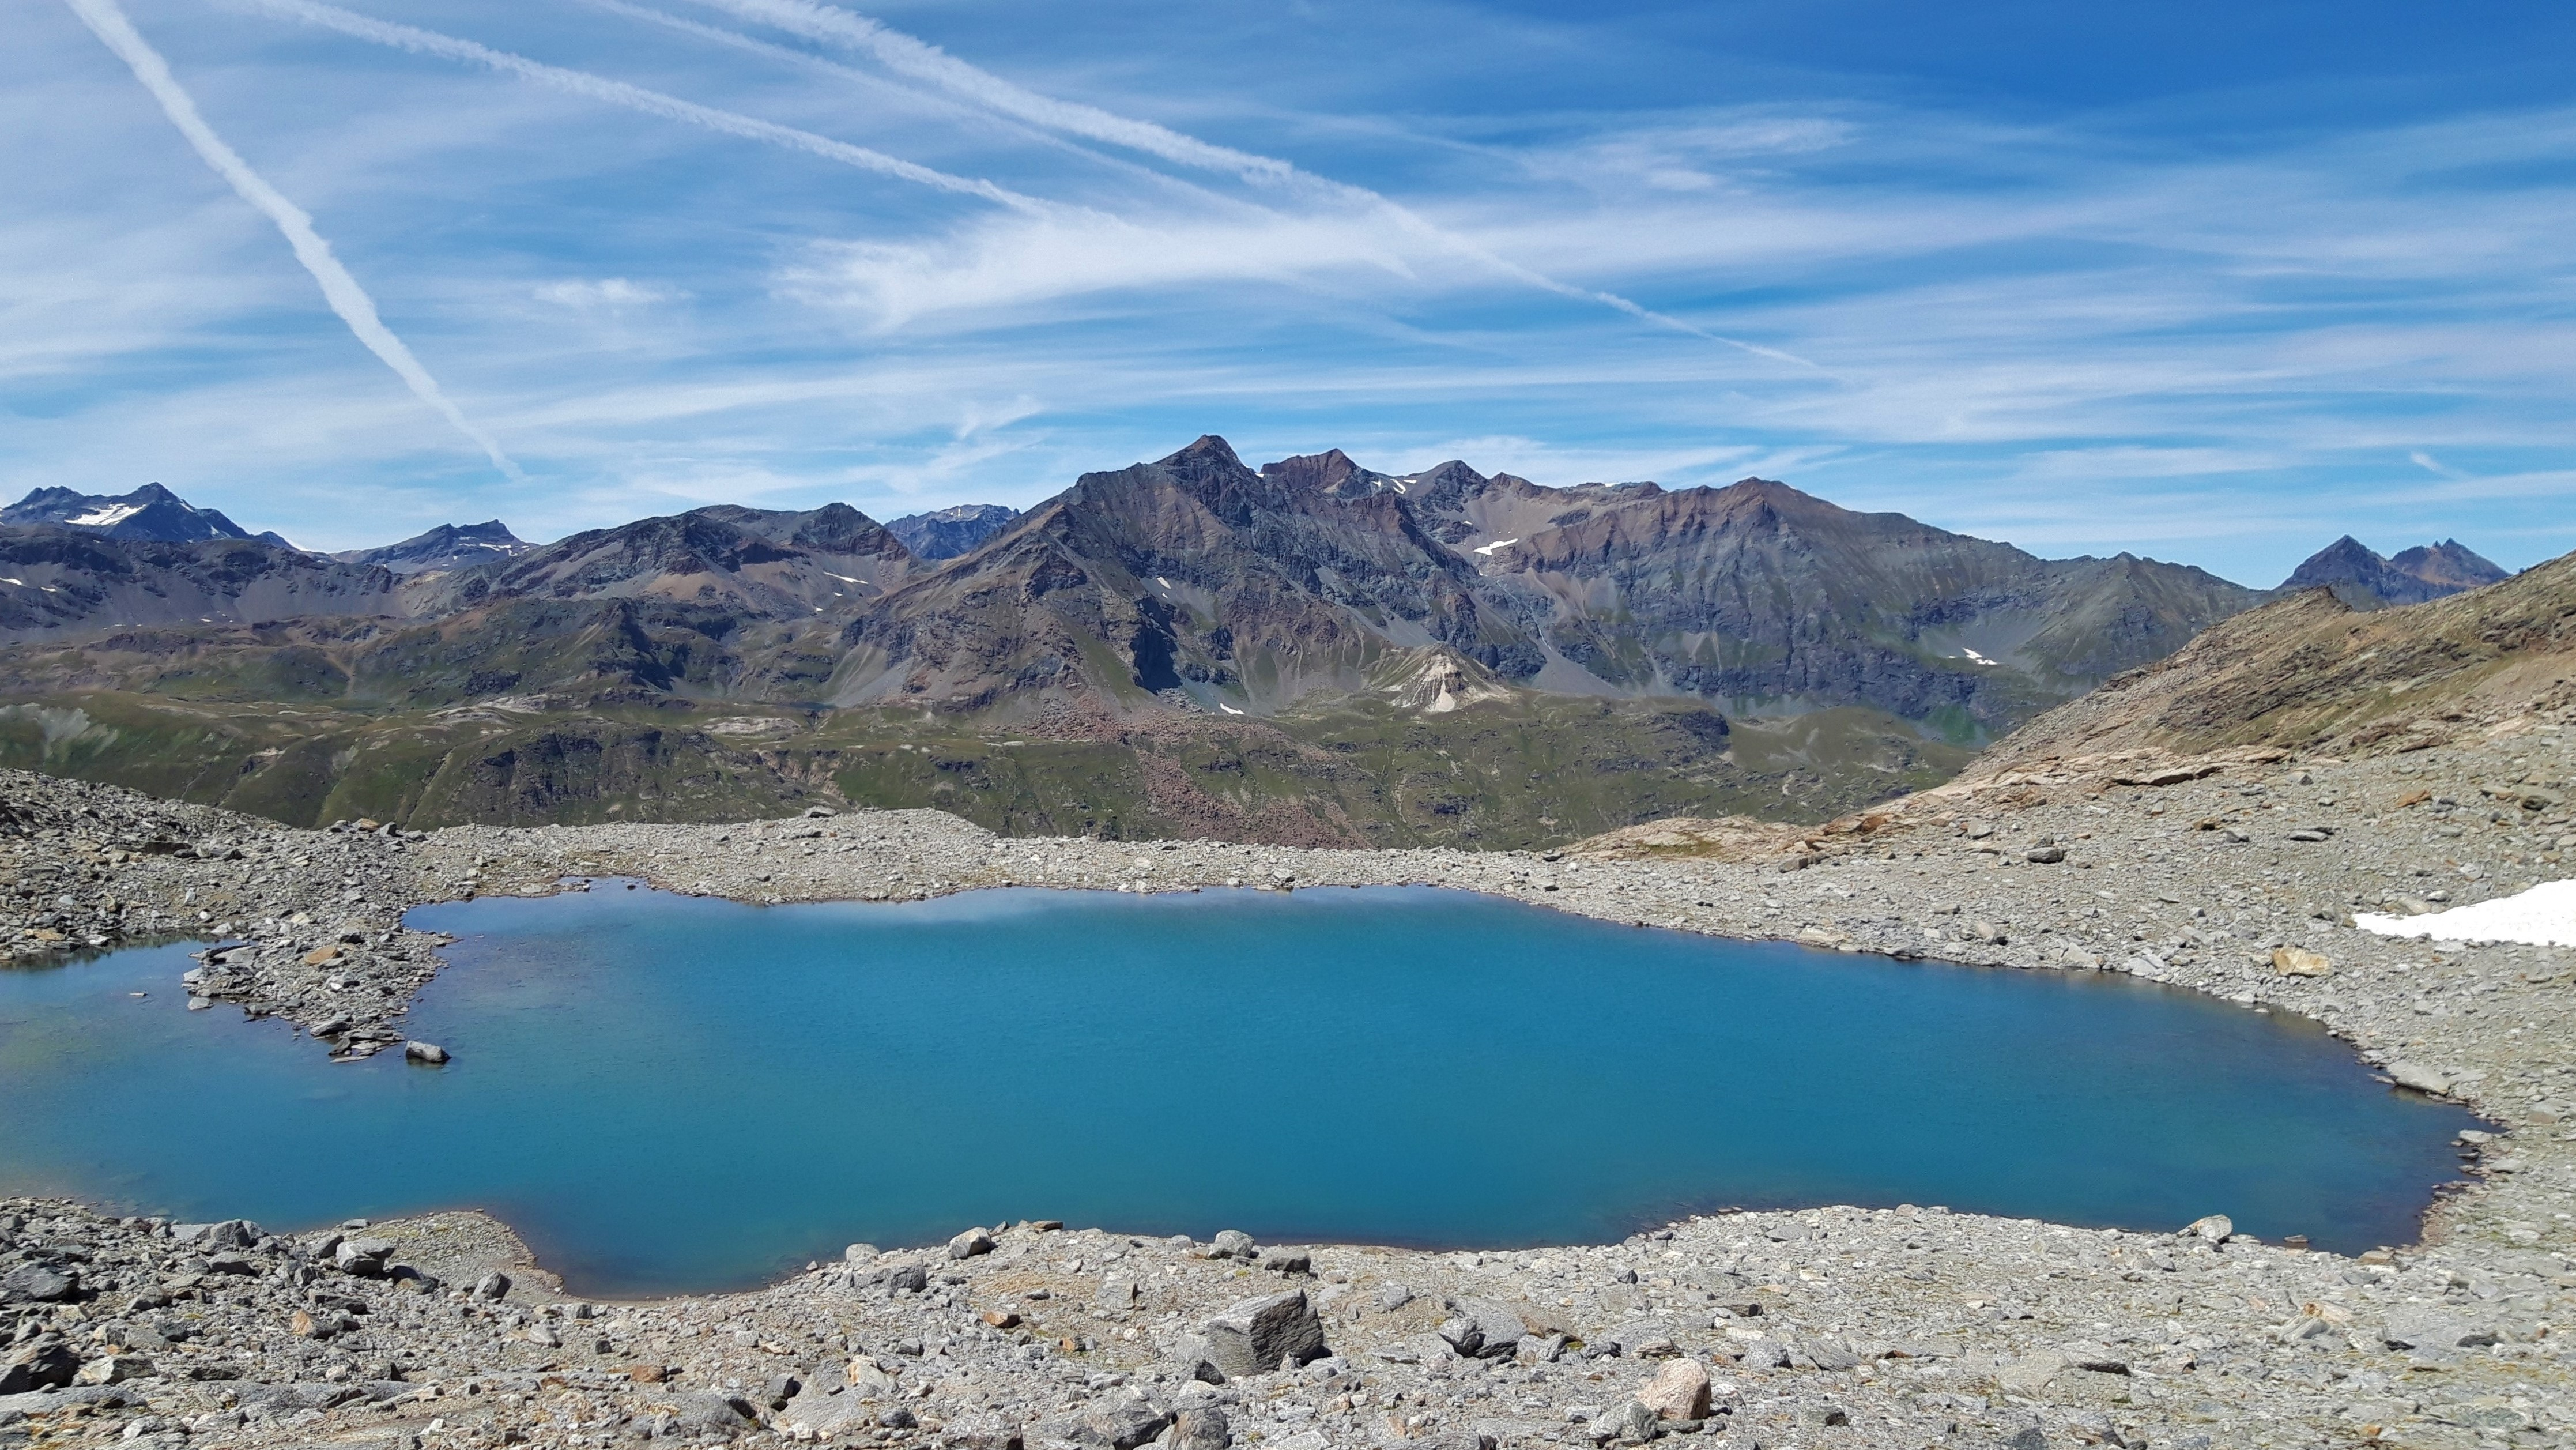 bellissimo lago (senza nome) nel vallone di Ferauda